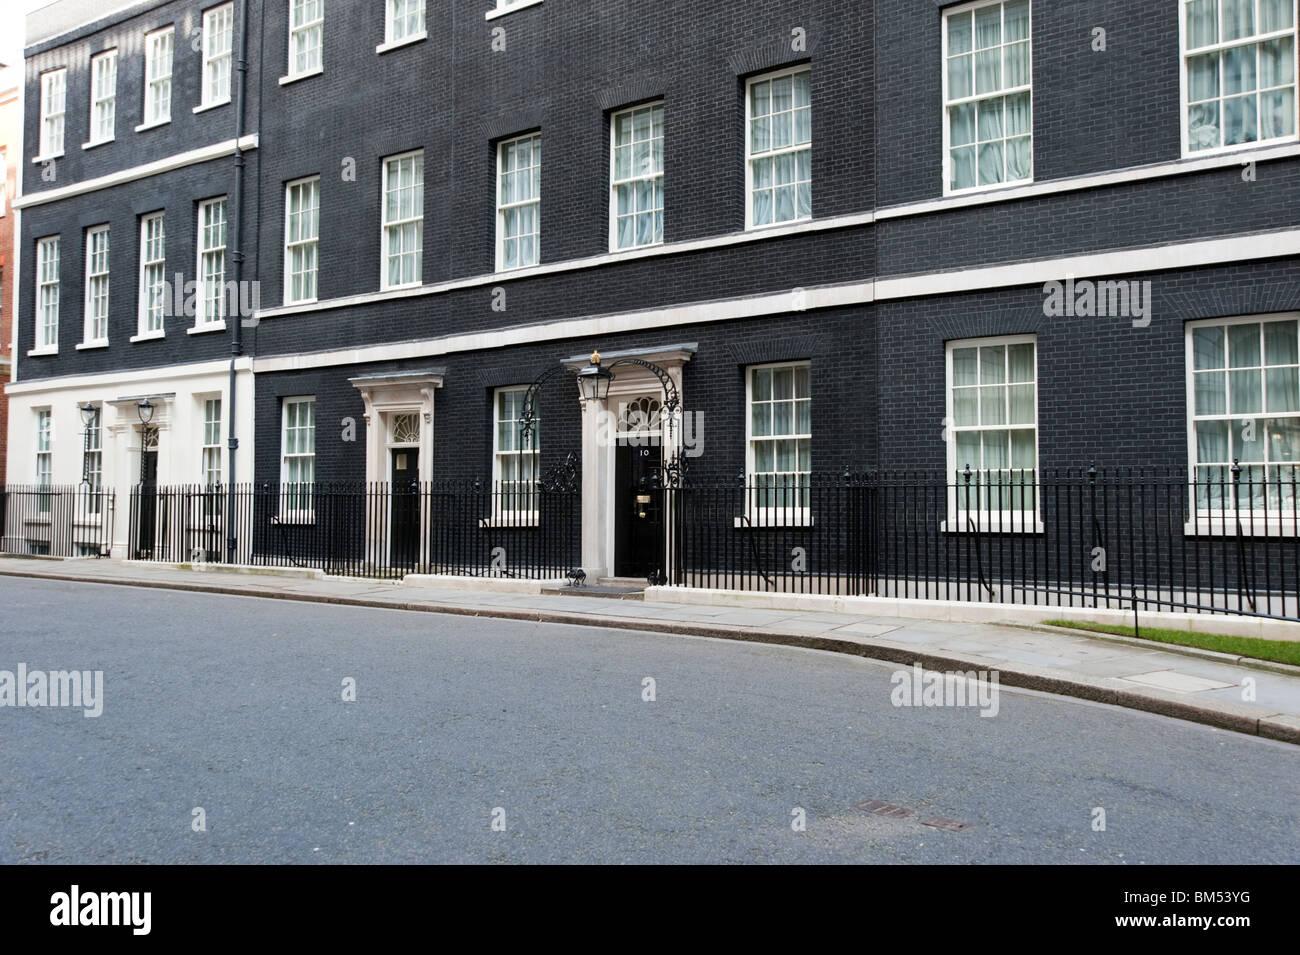 El 10 de Downing Street, Londres, Inglaterra, Reino Unido. Imagen De Stock